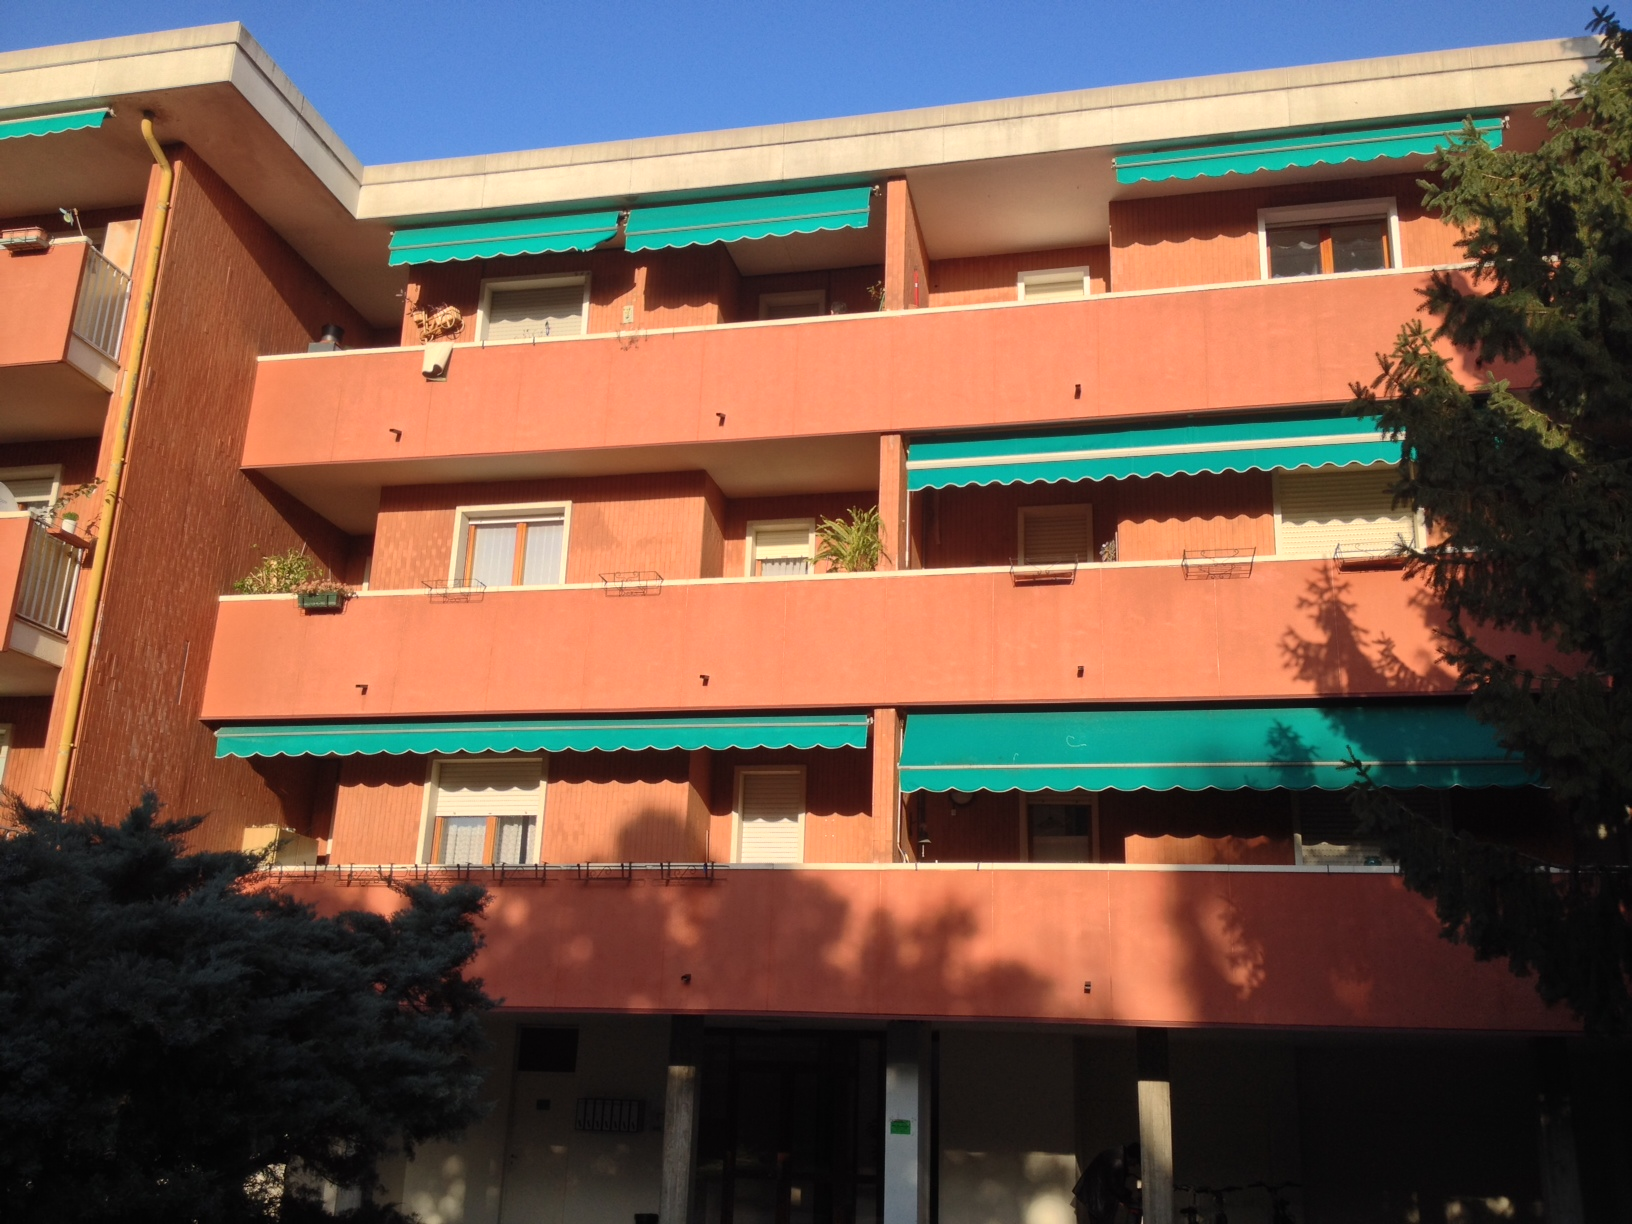 Bilocale Udine Via Medici 2